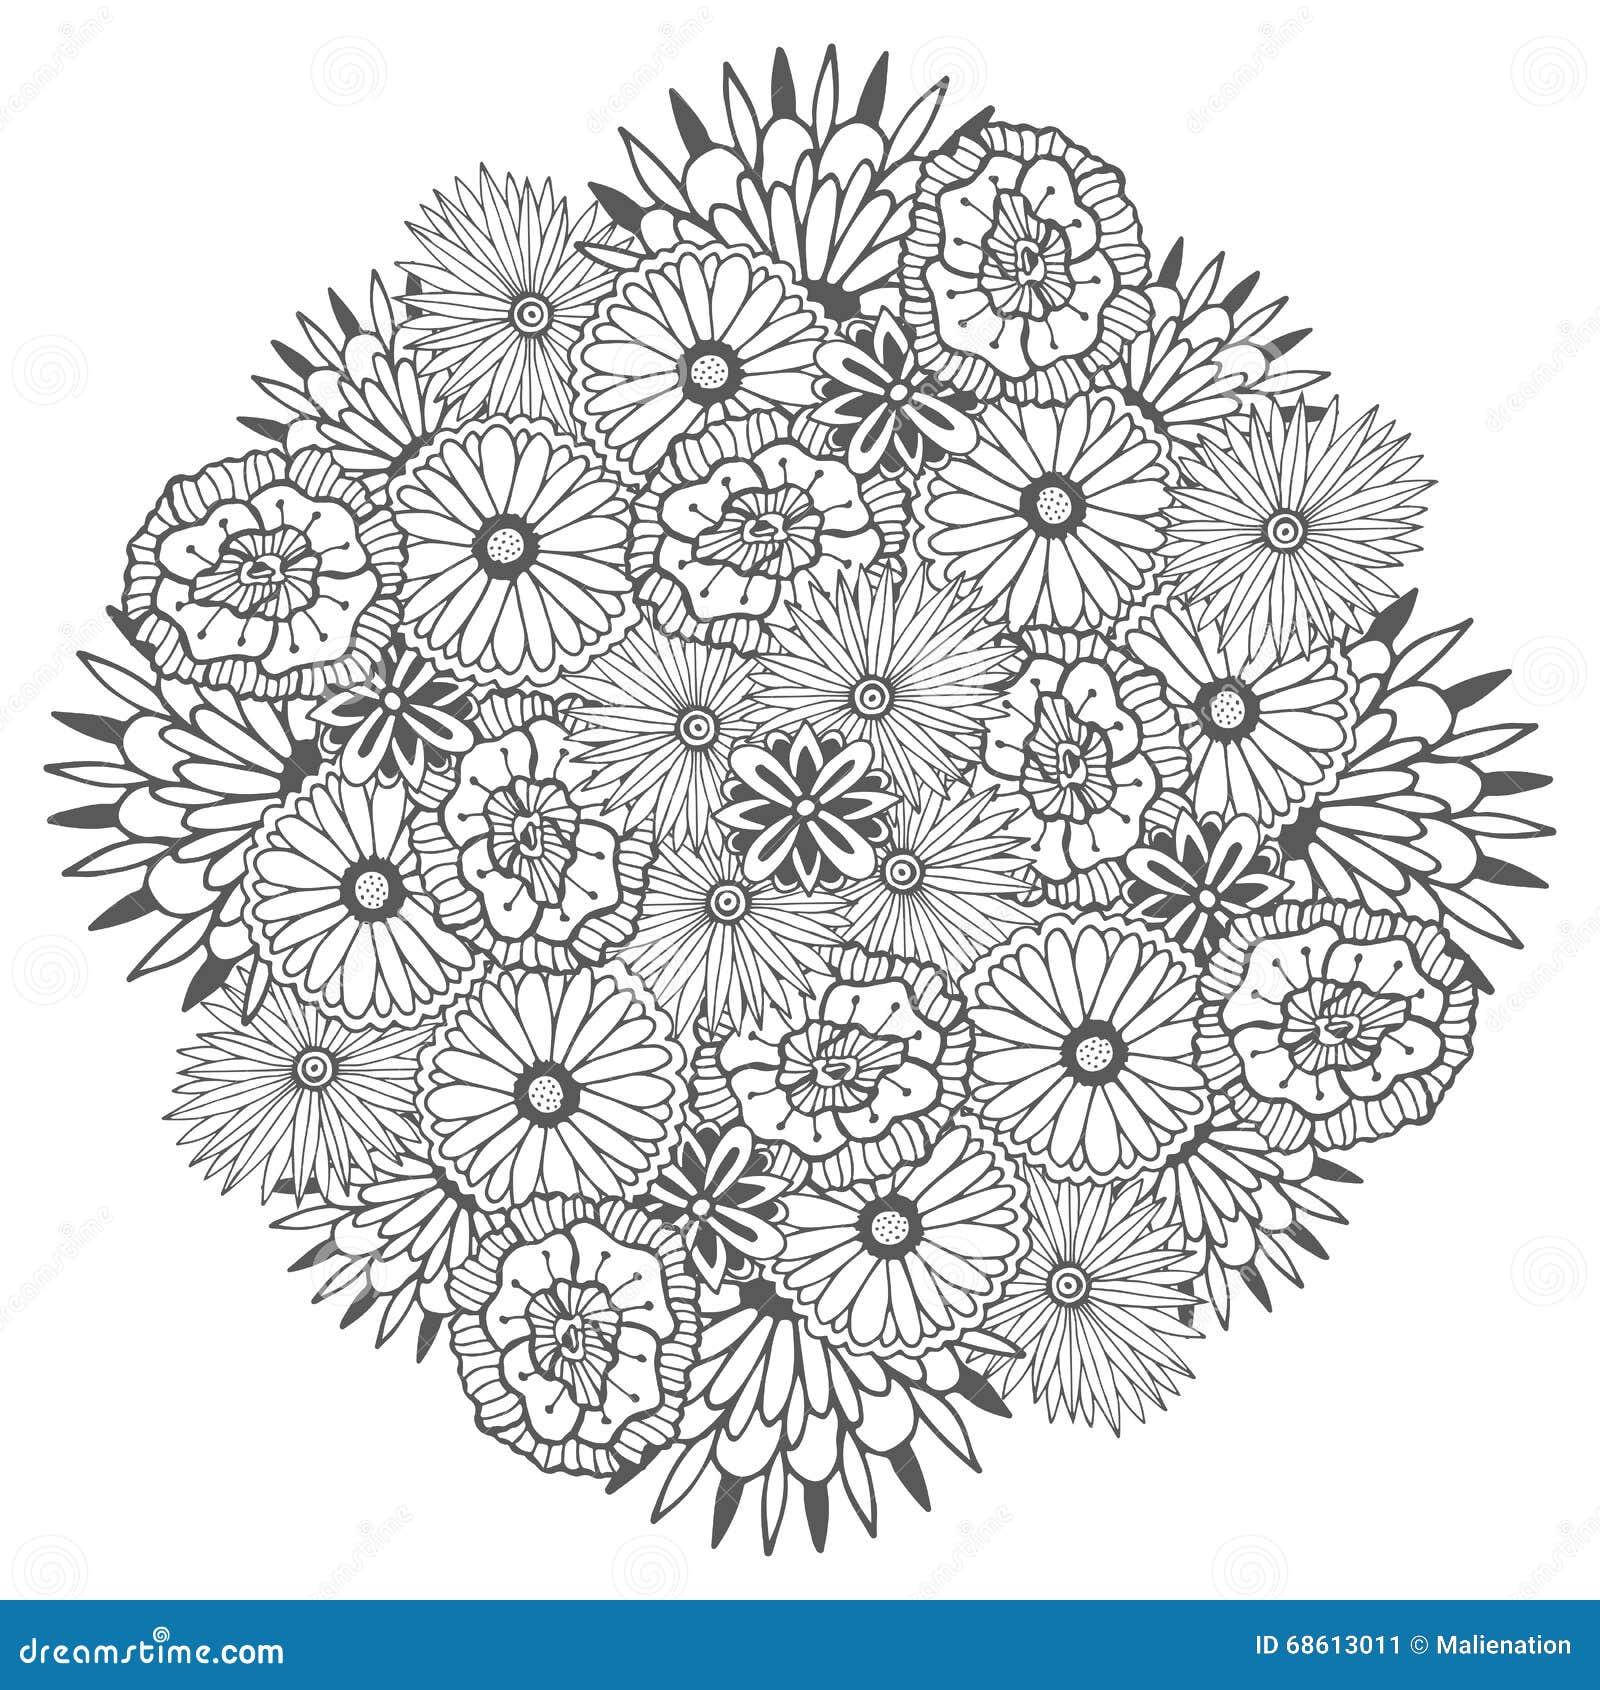 Mandala unique de vecteur avec des fleurs Zentangle floral rond ornemental  pour des pages de livre de coloriage